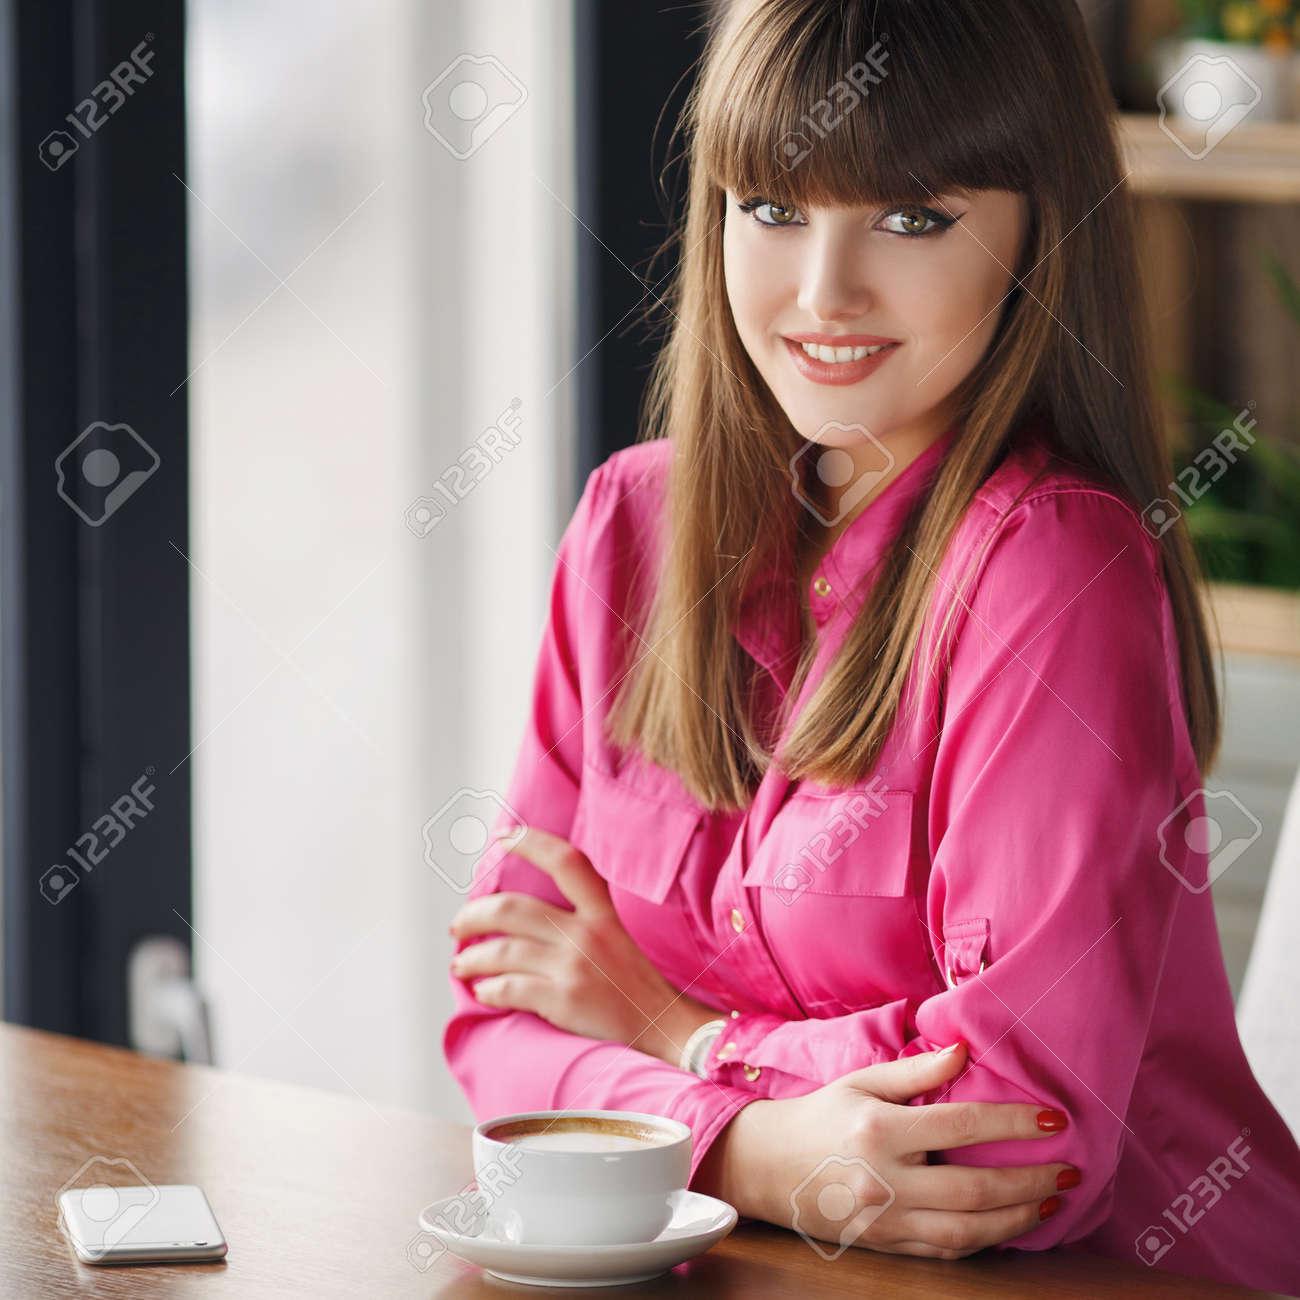 Mädchen Mit Einer Tasse Heißen Tee An Einem Tisch In Einem Cafe ...